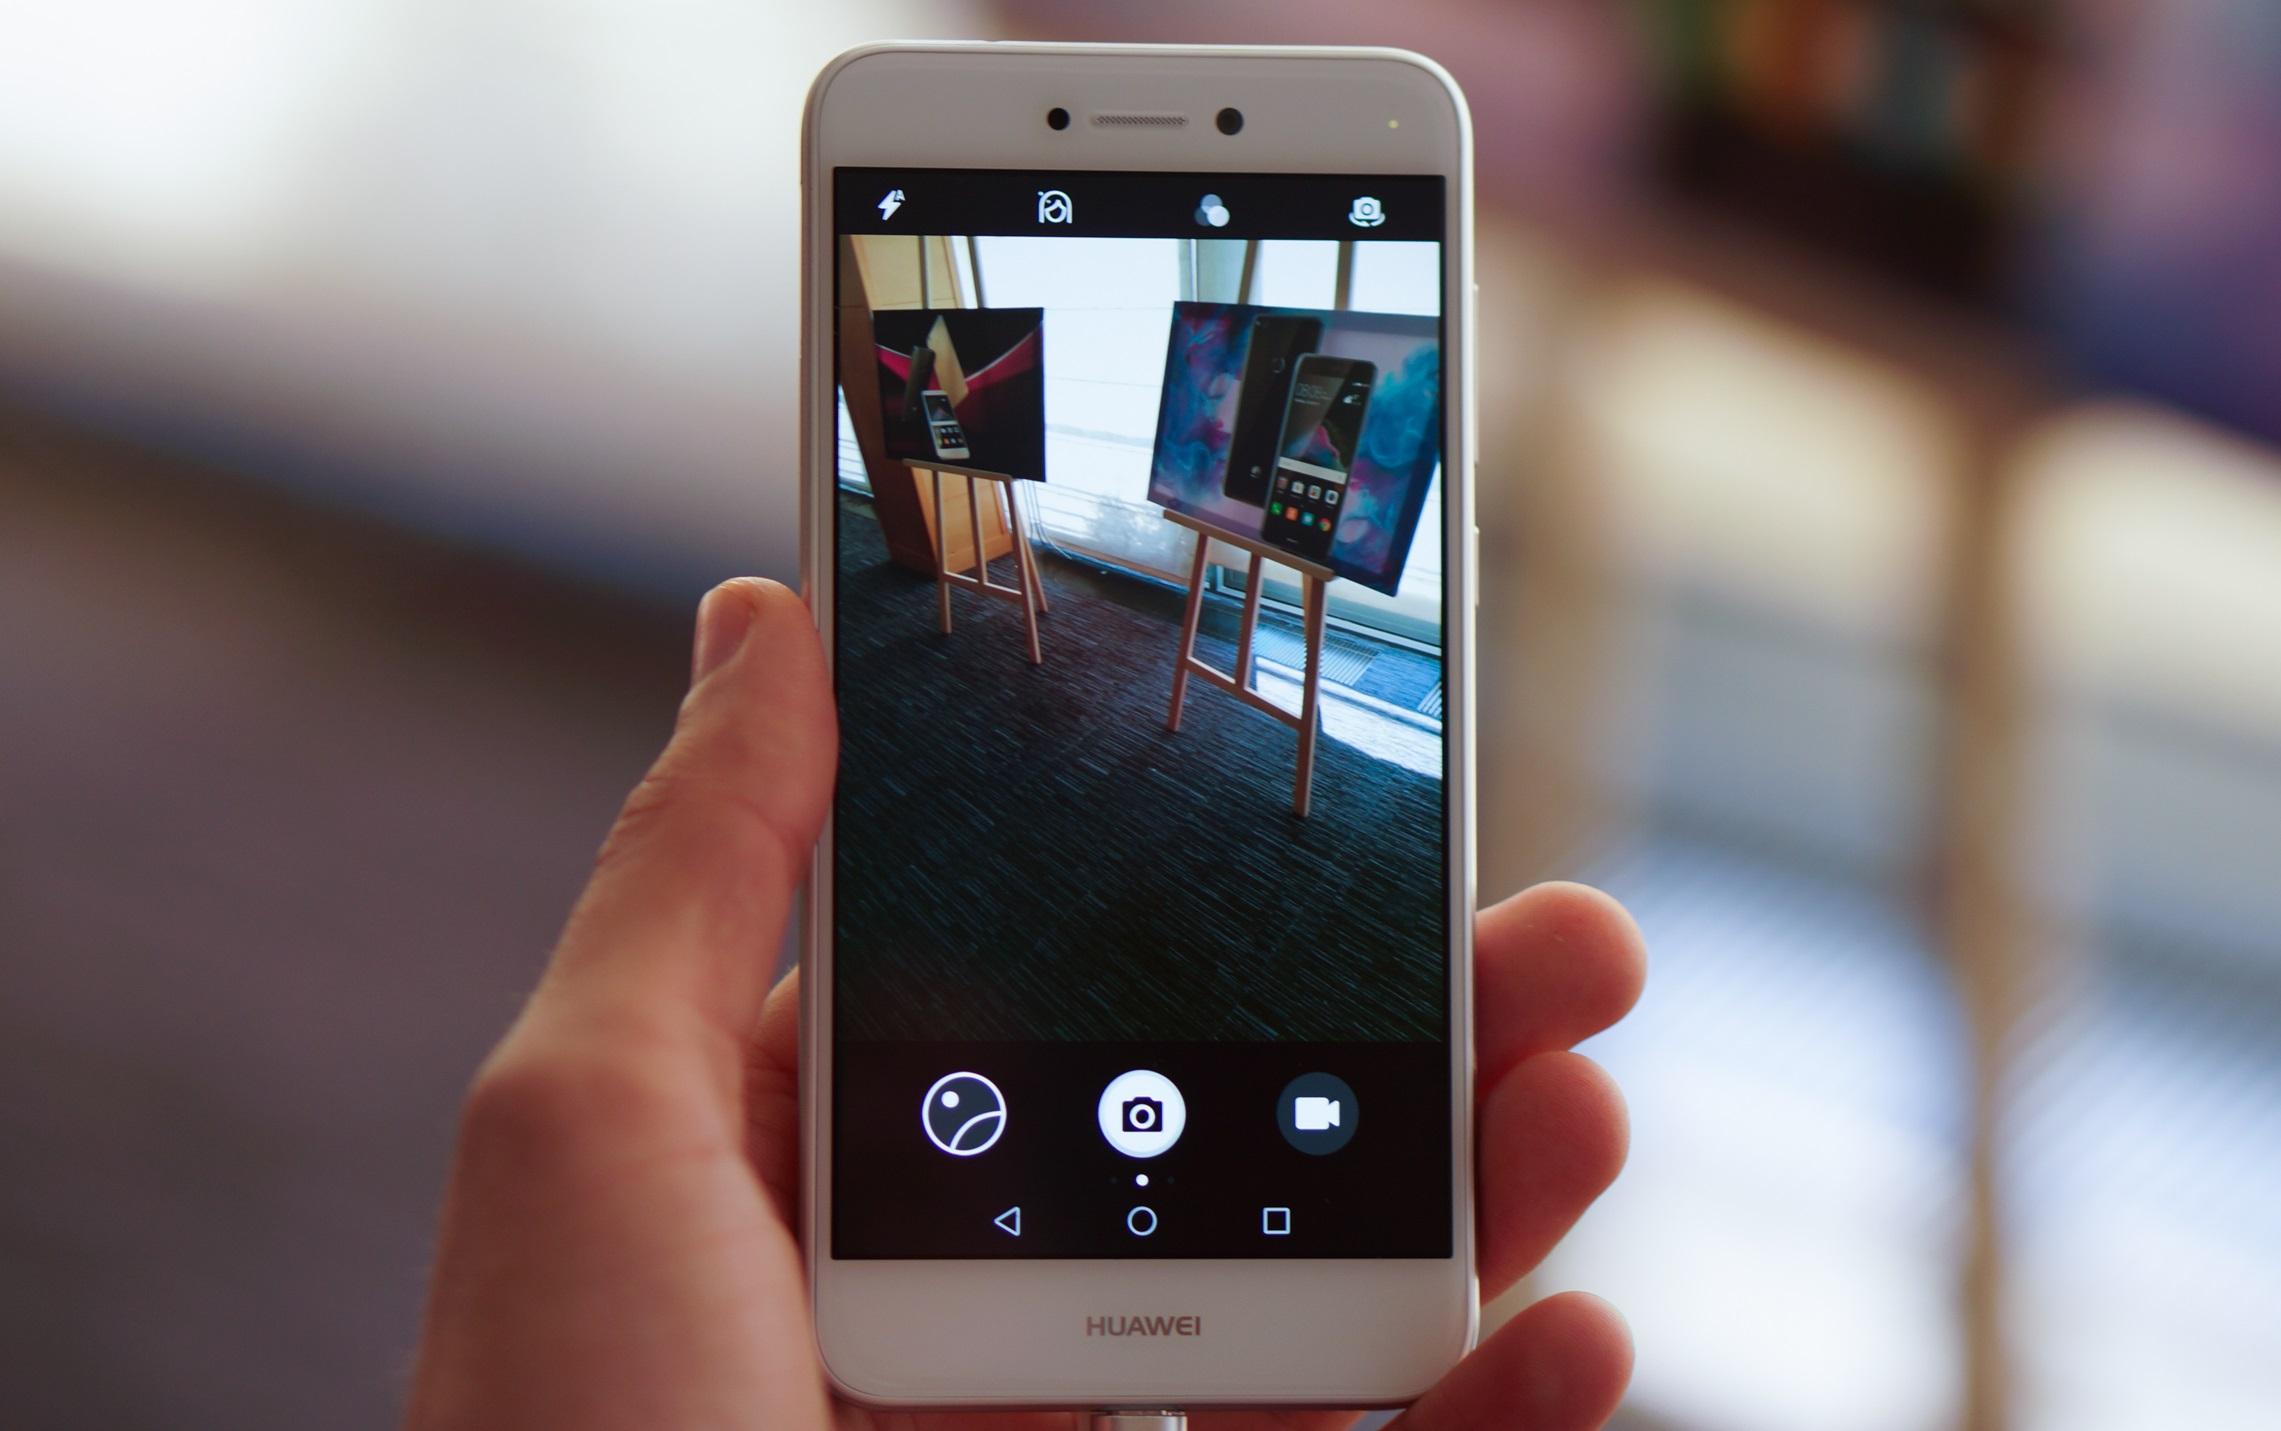 Лучшие бюджетные смартфоны последних лет обзор – Huawei Nova lite 2017 (3)